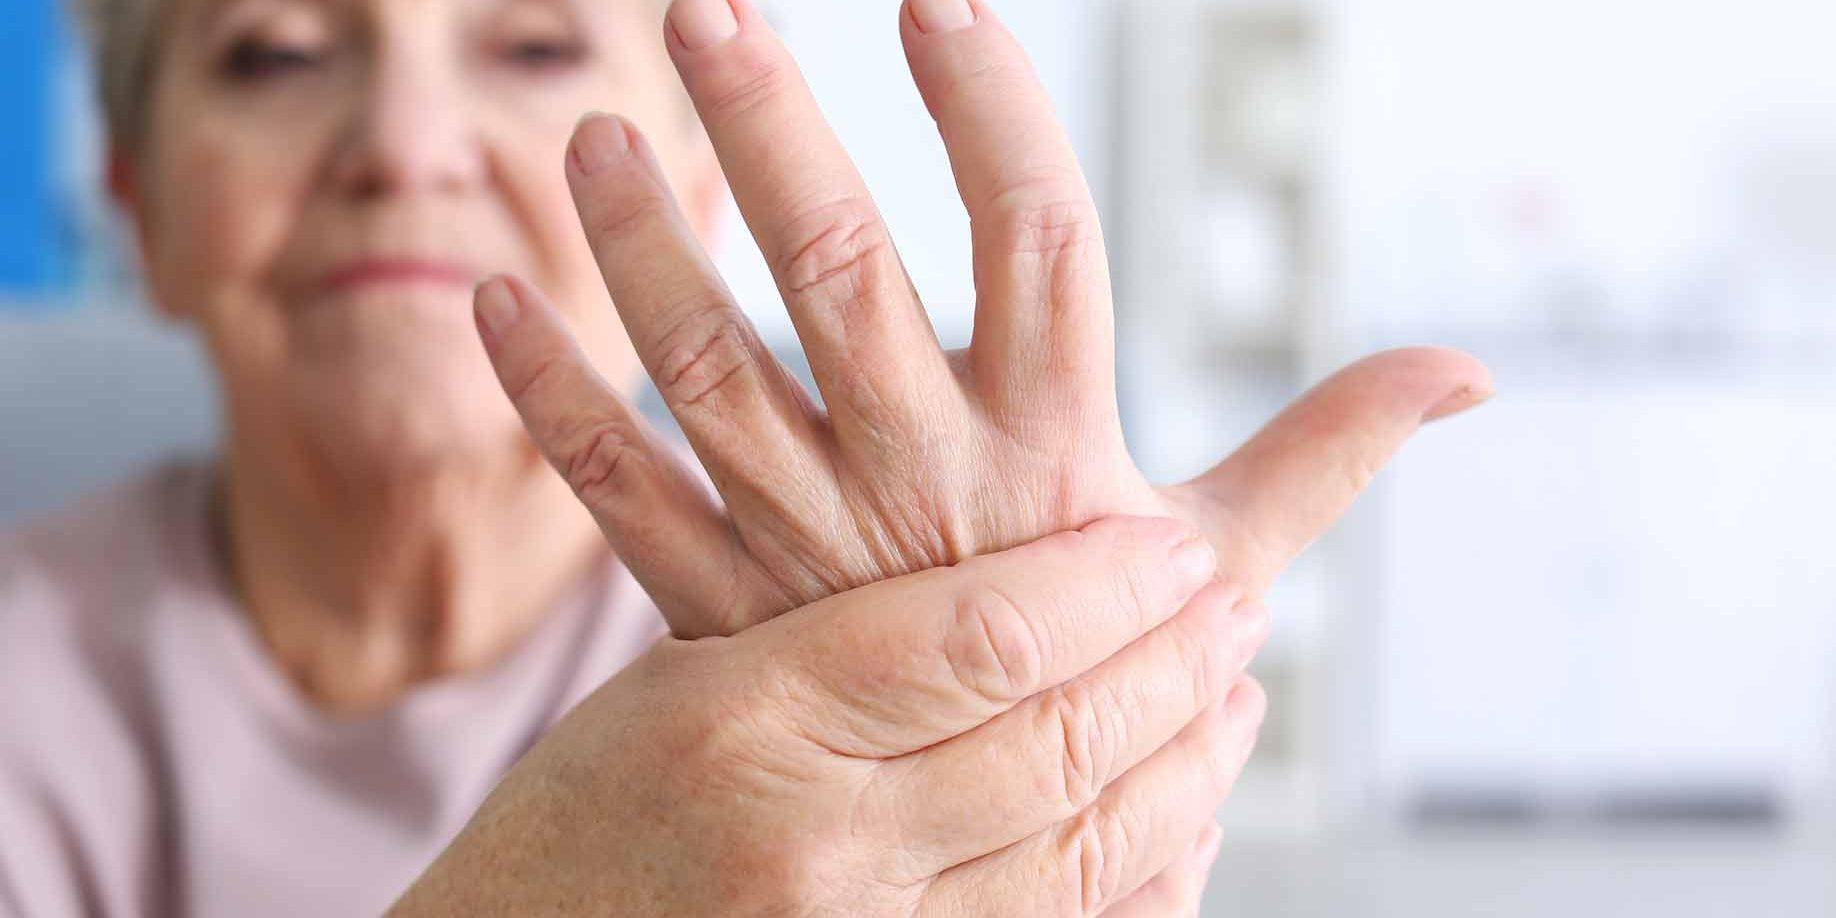 gydymas lobs ir sąnarių skausmas naktį skauda sąnarius ką daryti